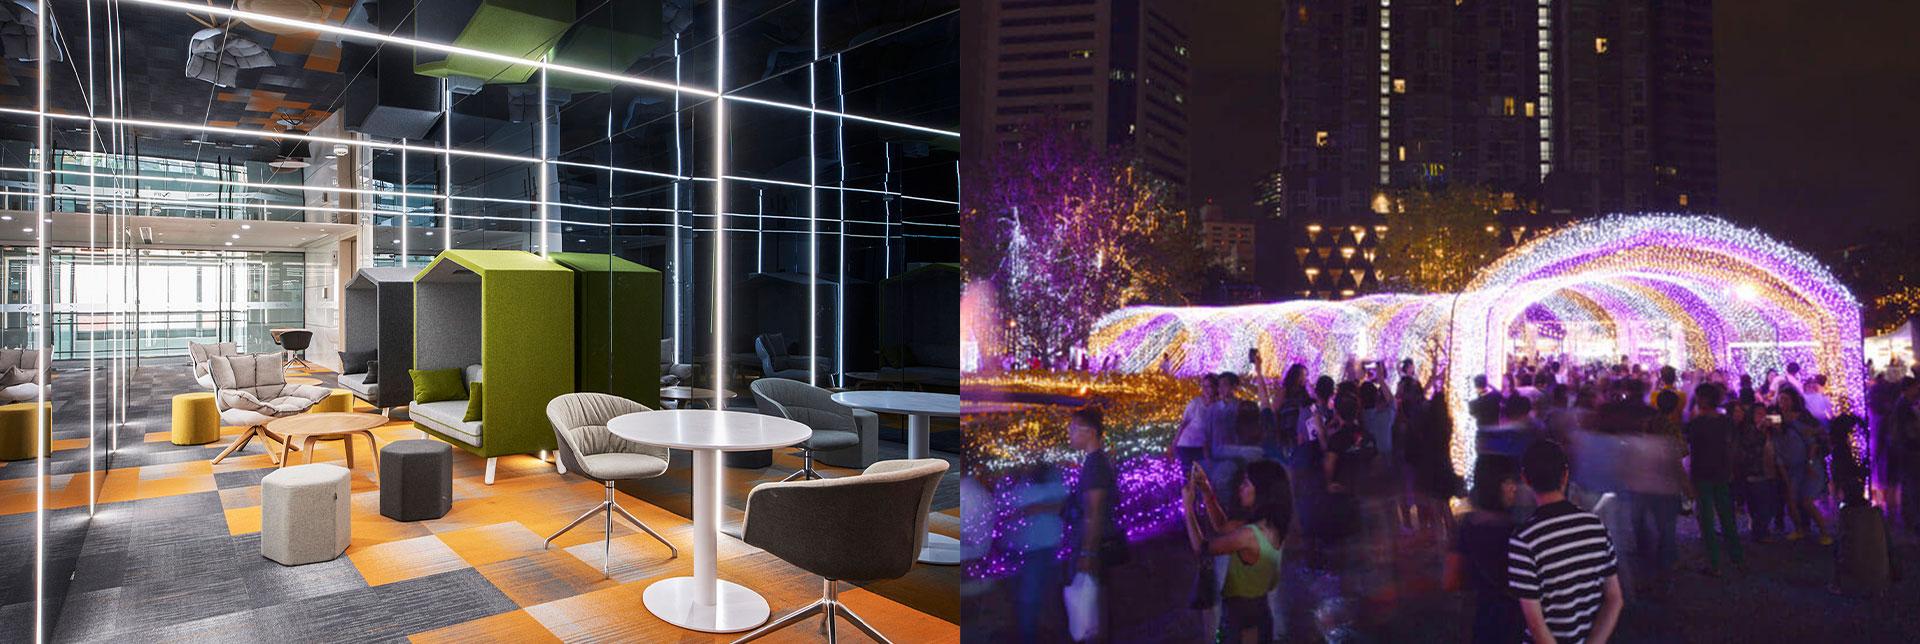 Application of housing for LED light strip